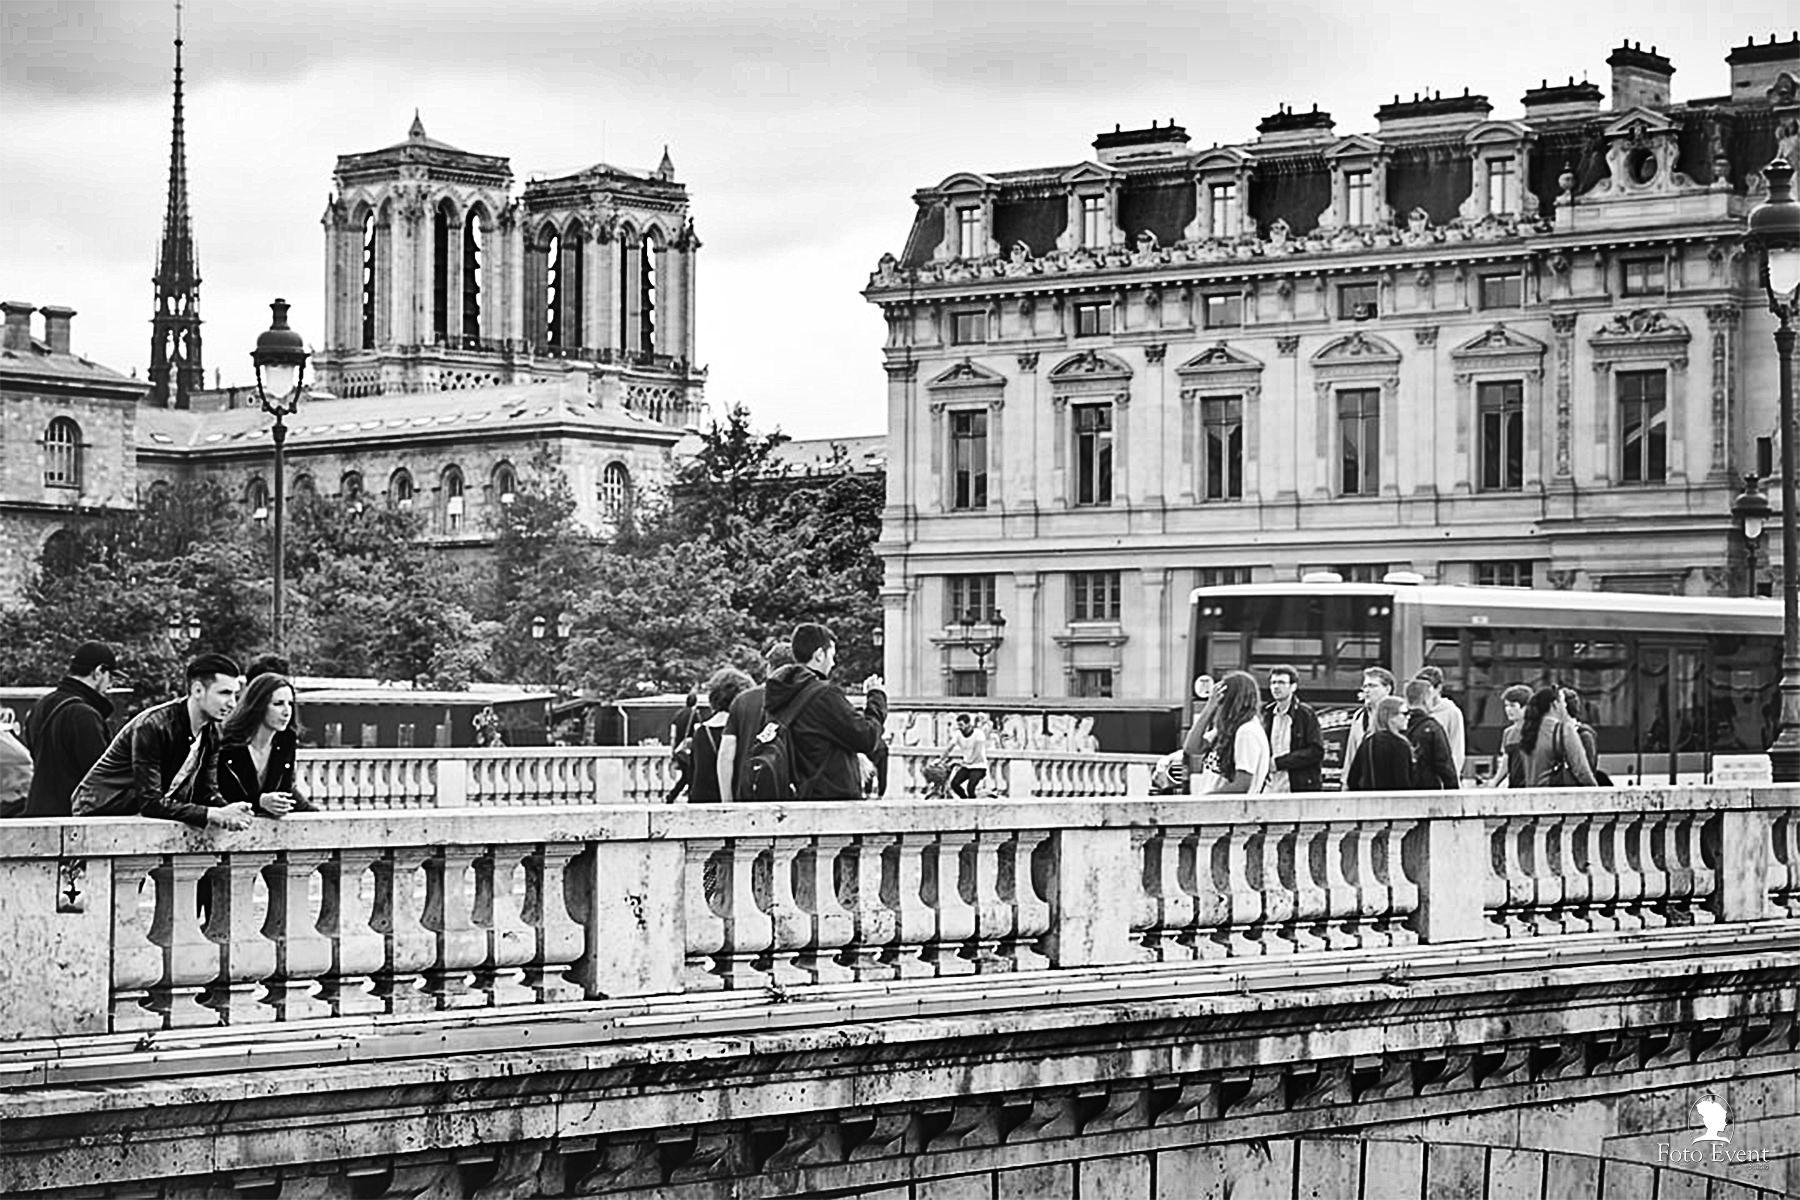 2016-06-11 Anteprima Parigi 077_CD